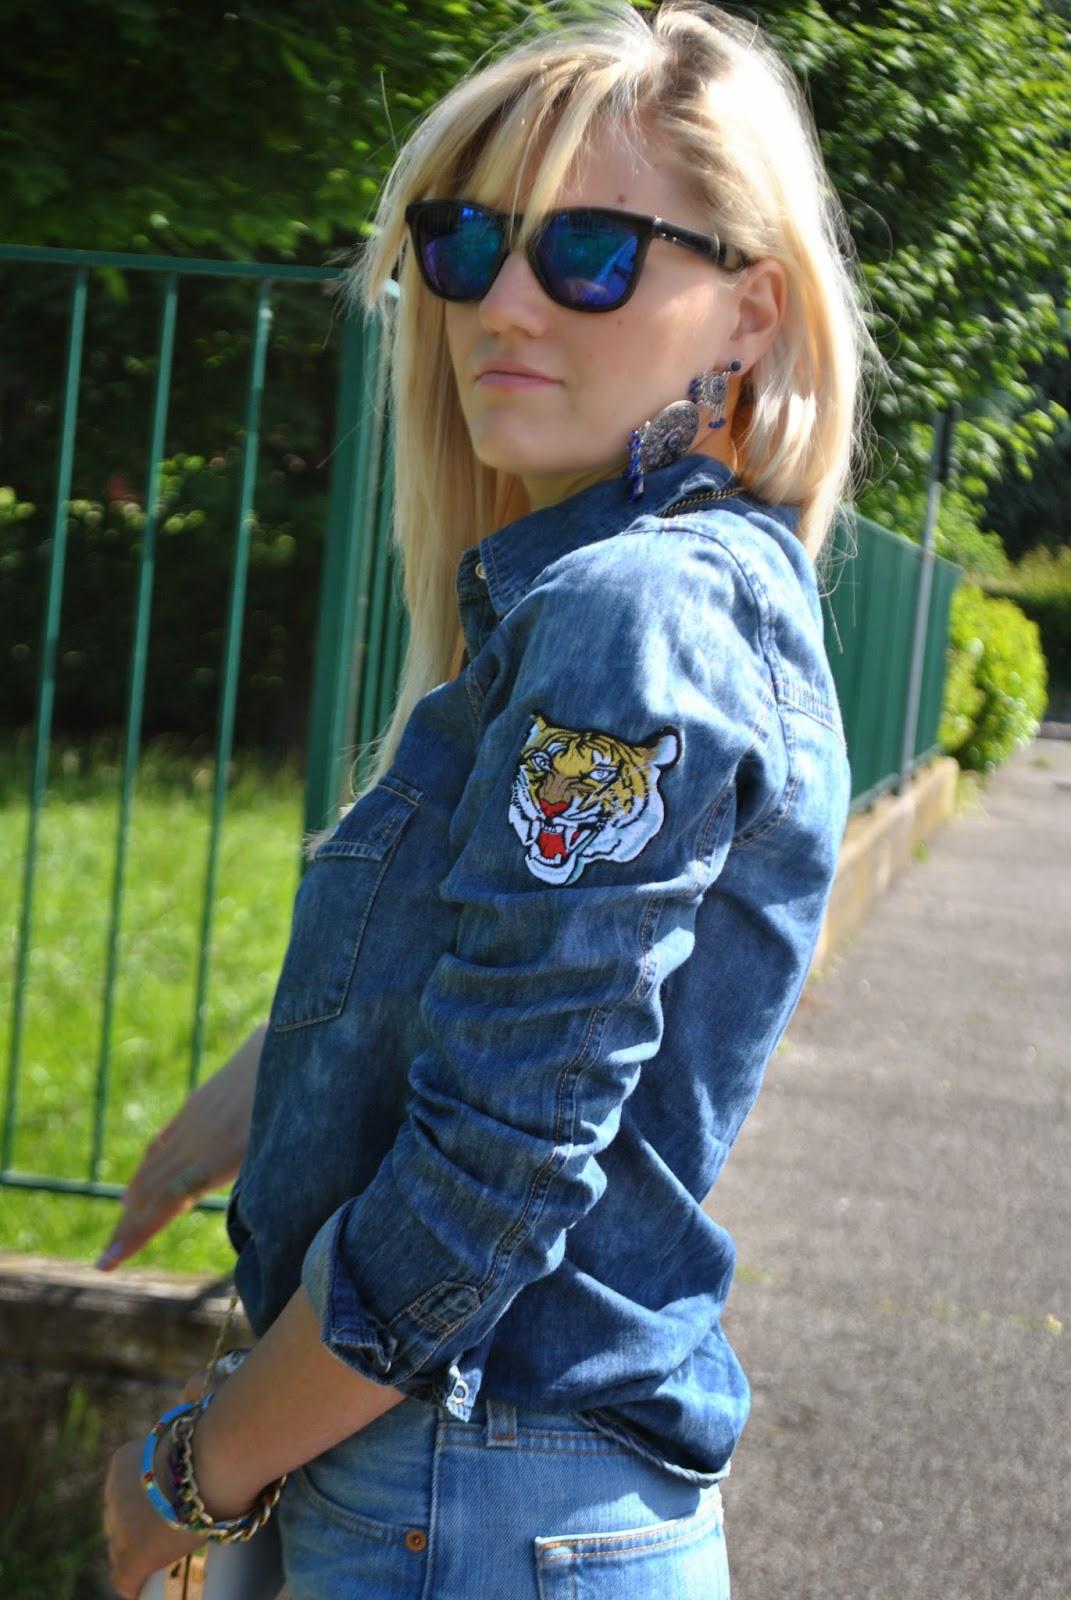 outfit denim outfit levi's 501 come indossare un vecchio paio di jeans come abbinare un veccio paio di jeans come indossare un vecchio paio di levi's 501 jeans arrotolati alle caviglie camicia in denim con stemmi cuciti camicia di jeans pimkie camicia in denim pimkie bracciale azzurro il centimetro clutch modello alexander mcqueen con teschio outfit borsa bianca jeans e tacchi outfit jeans e tacchi outfit primavera 2014 outfit primaverili fashion blogger italiane milano colorblock by felym blog di moda di mariafelicia magno outfit colorblock by felym outfit mariafelicia magno outfit maggio 2014 mariafelicia magno blogger di colorblock by felym occhiali da sole con lenti a specchio azzurre ragazze bionde outfit denim total look denim outfit jeans camicia in denim e tacchi alti bracciale con catena dorata e fili